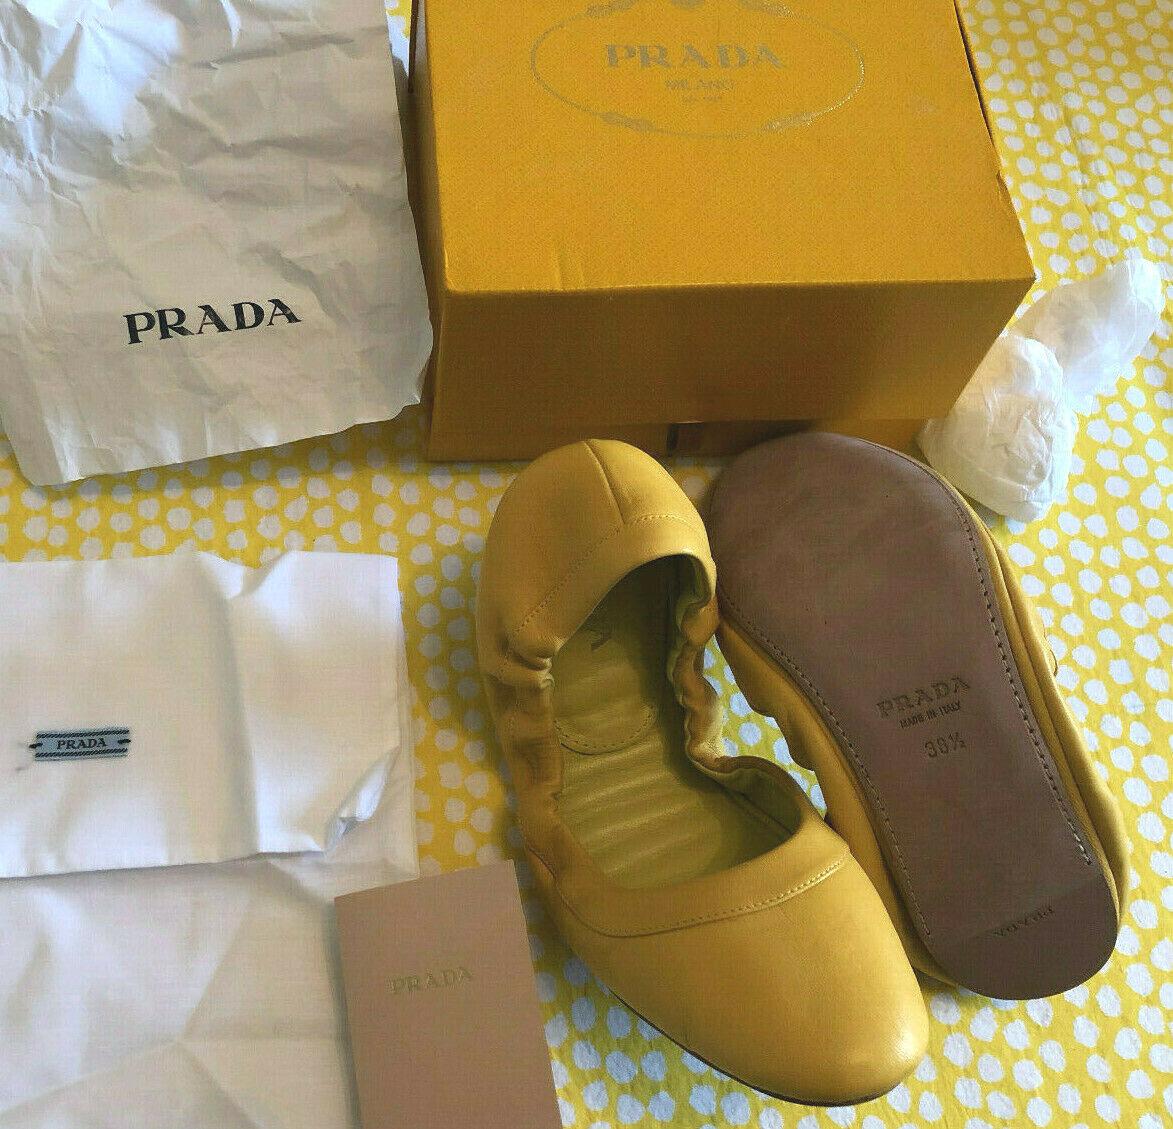 Nos broche de estilo Ballet Flats Prada, mostaza, nuevo en caja sin uso, tamaño 38.5